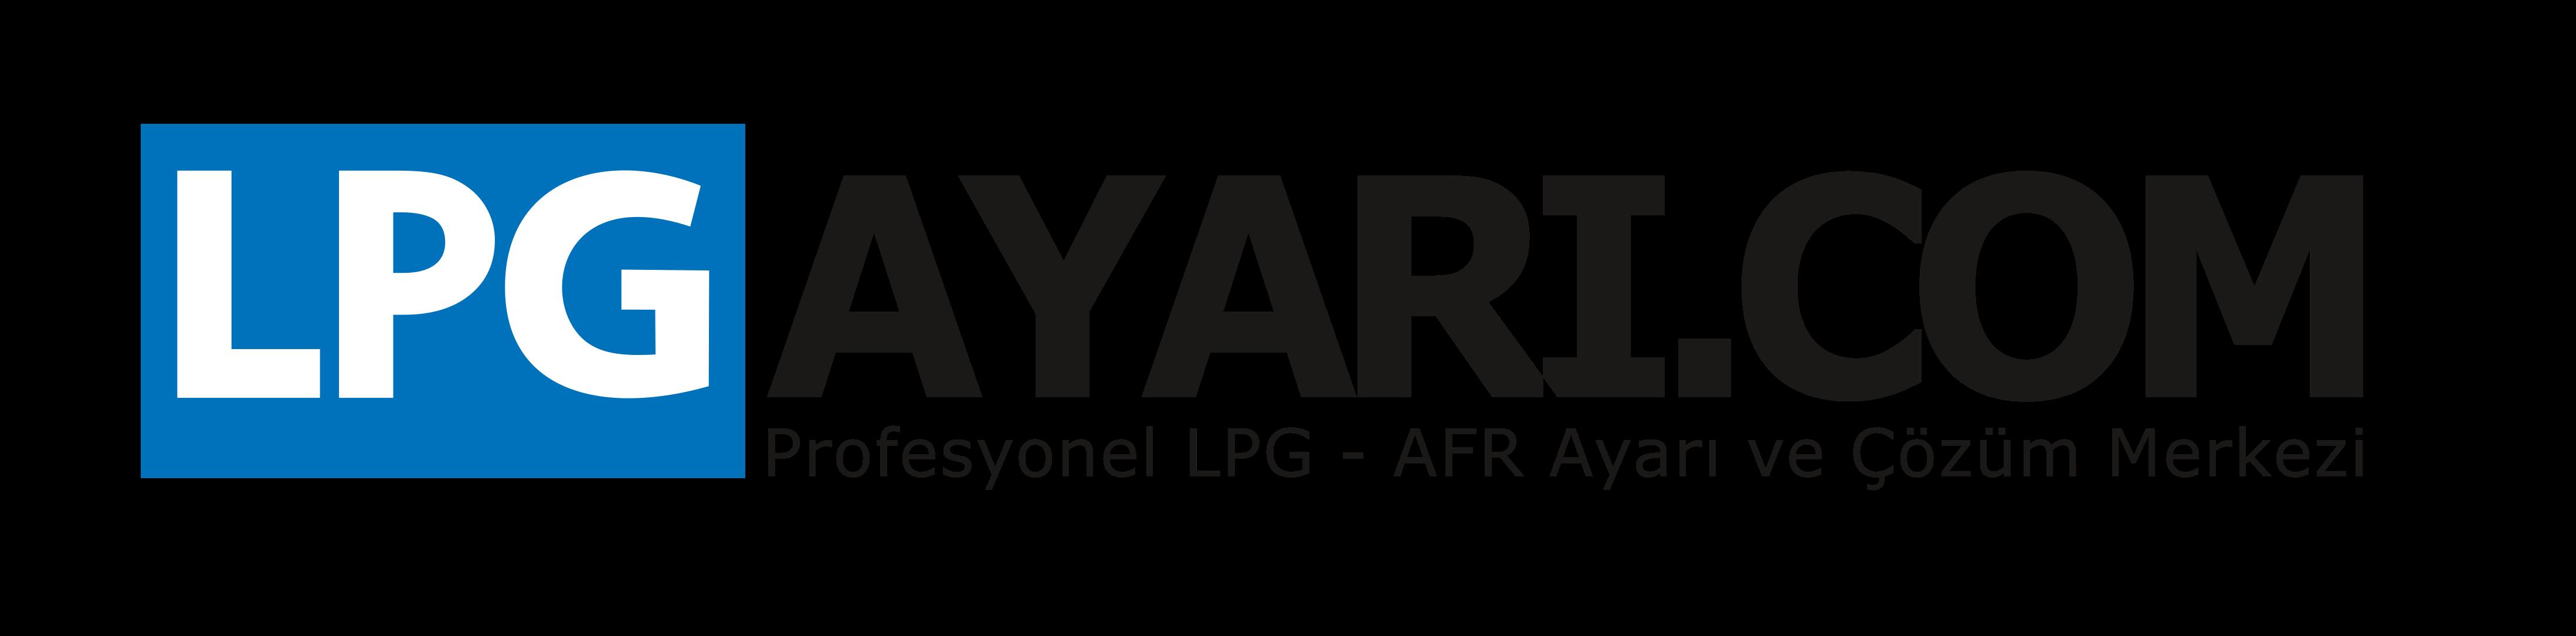 Profesyonel LPG - AFR Ayarı ve Çözüm Merkezi - LPGAYARI.COM